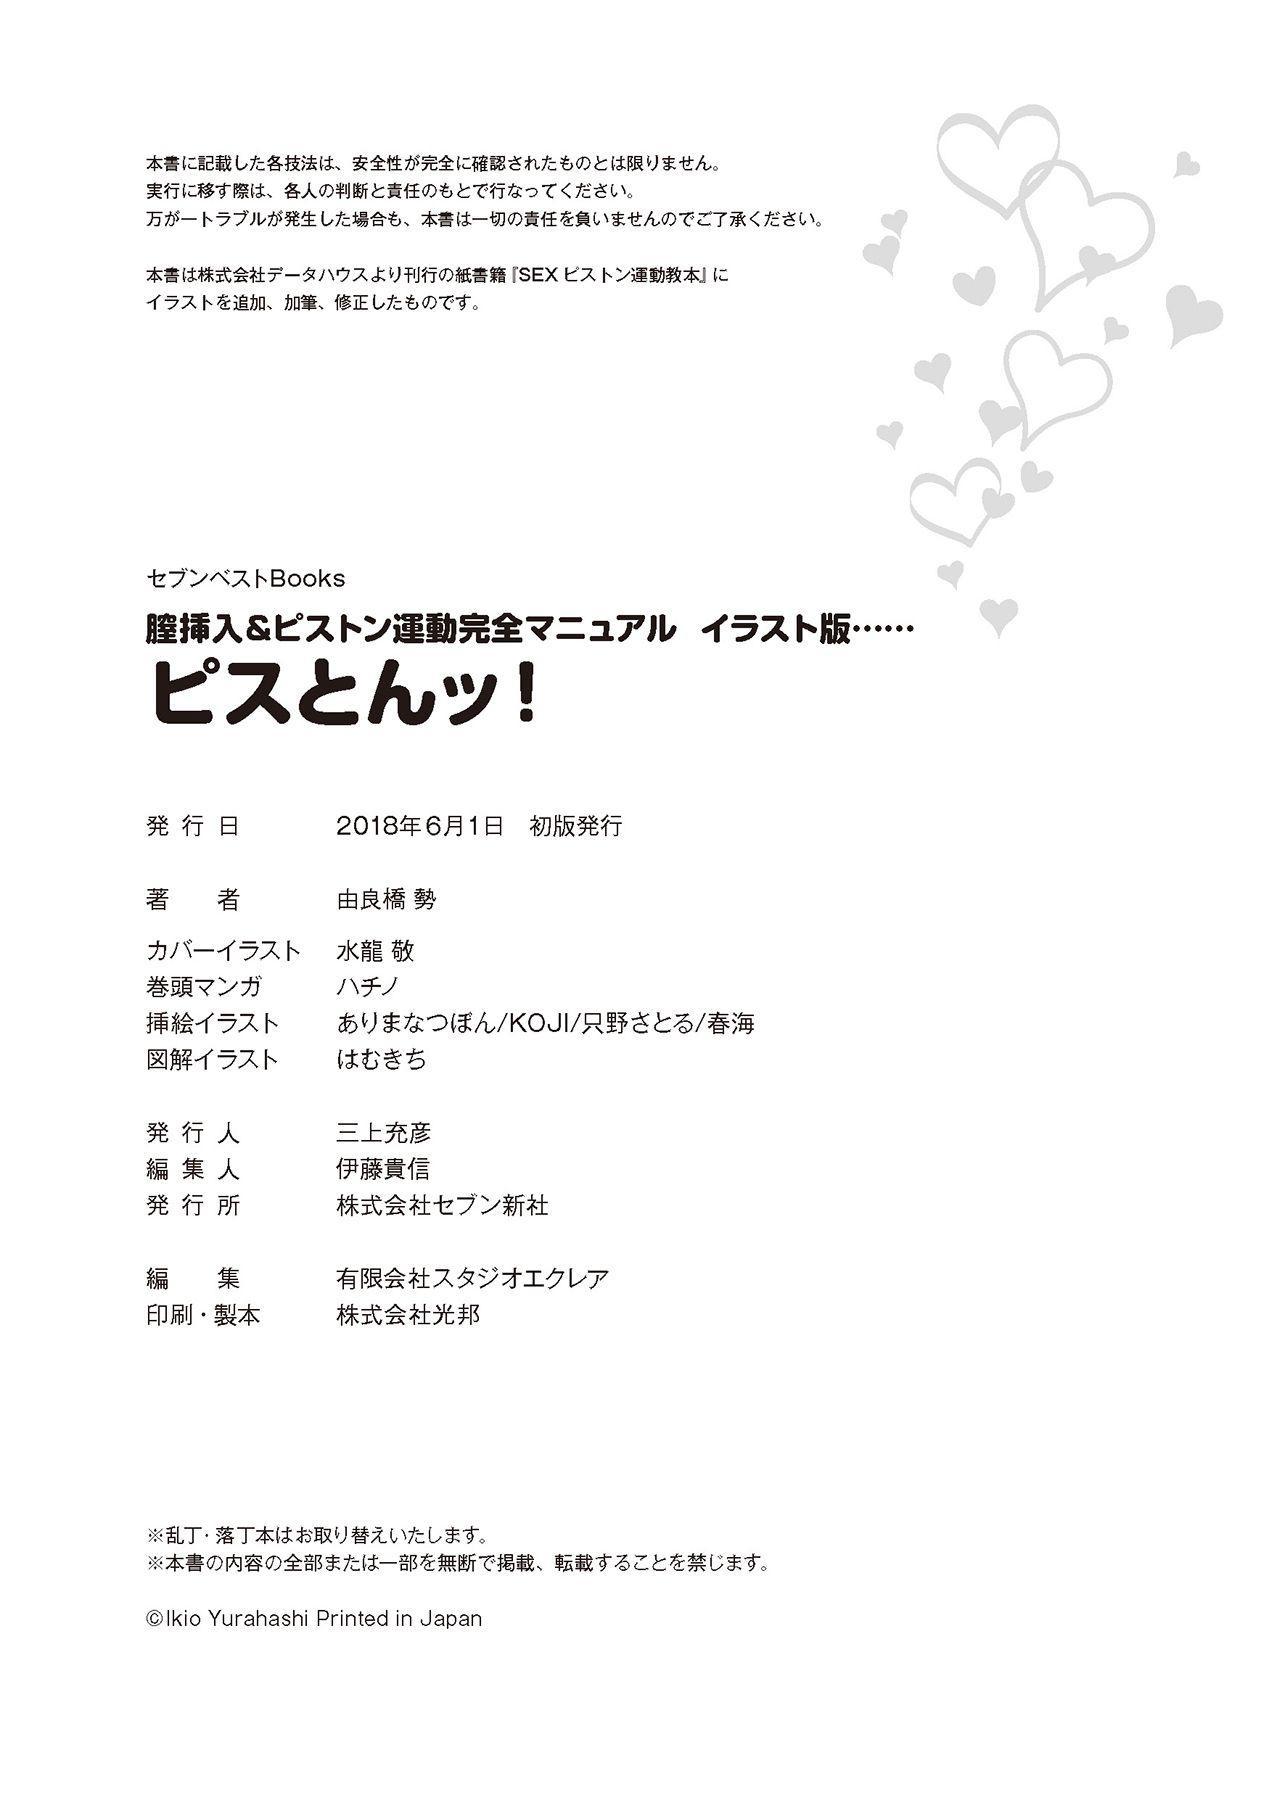 膣挿入&ピストン運動完全マニュアル イラスト版……ピスとんッ! 129